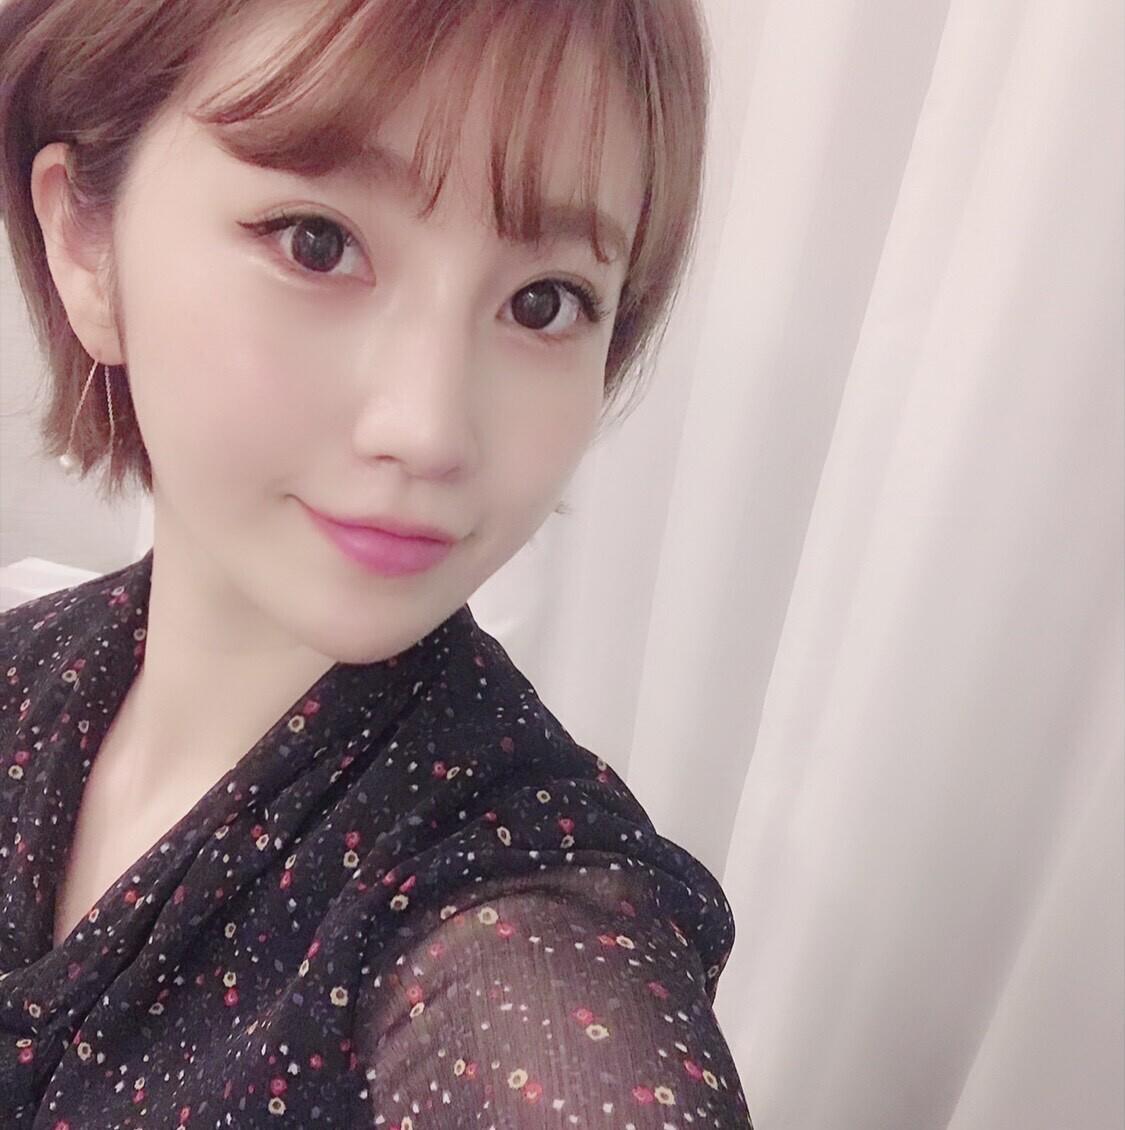 美容ブロガー / OL / 美容家 Rena